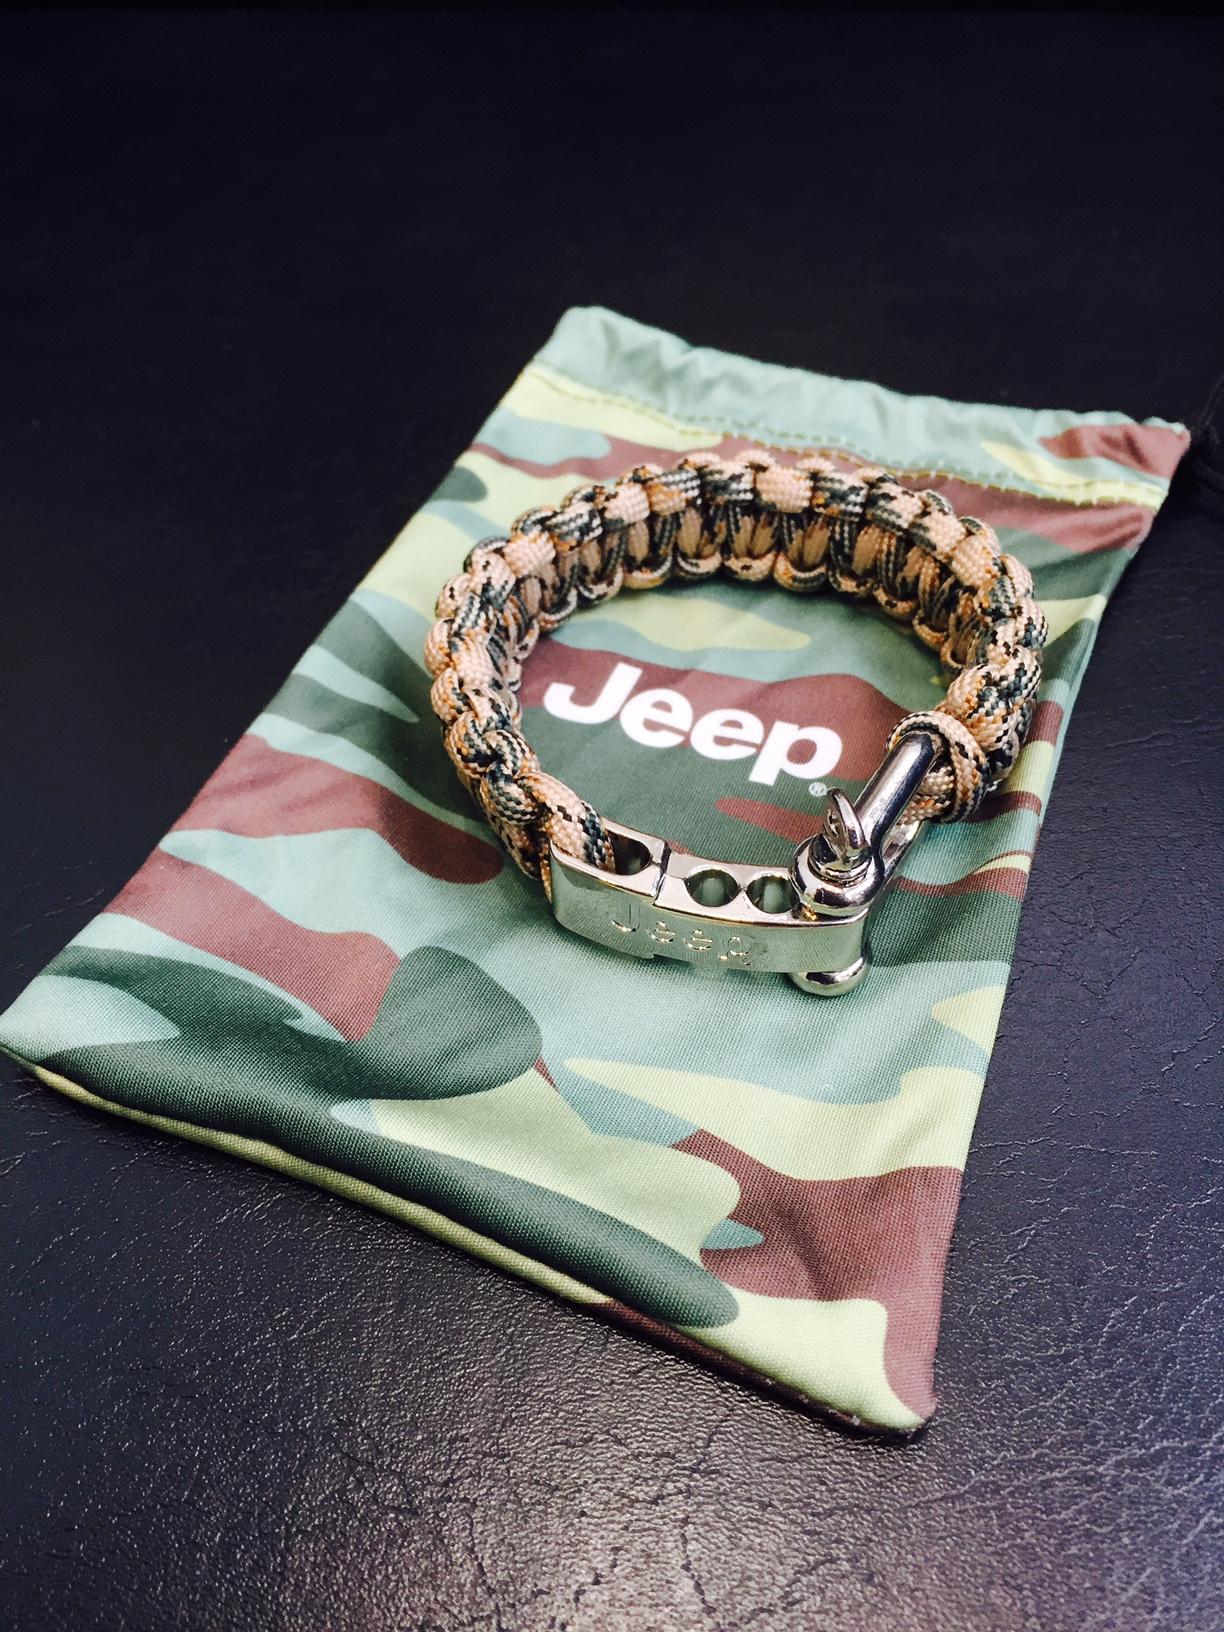 Jeep ポーチ付 リストバンド Rope